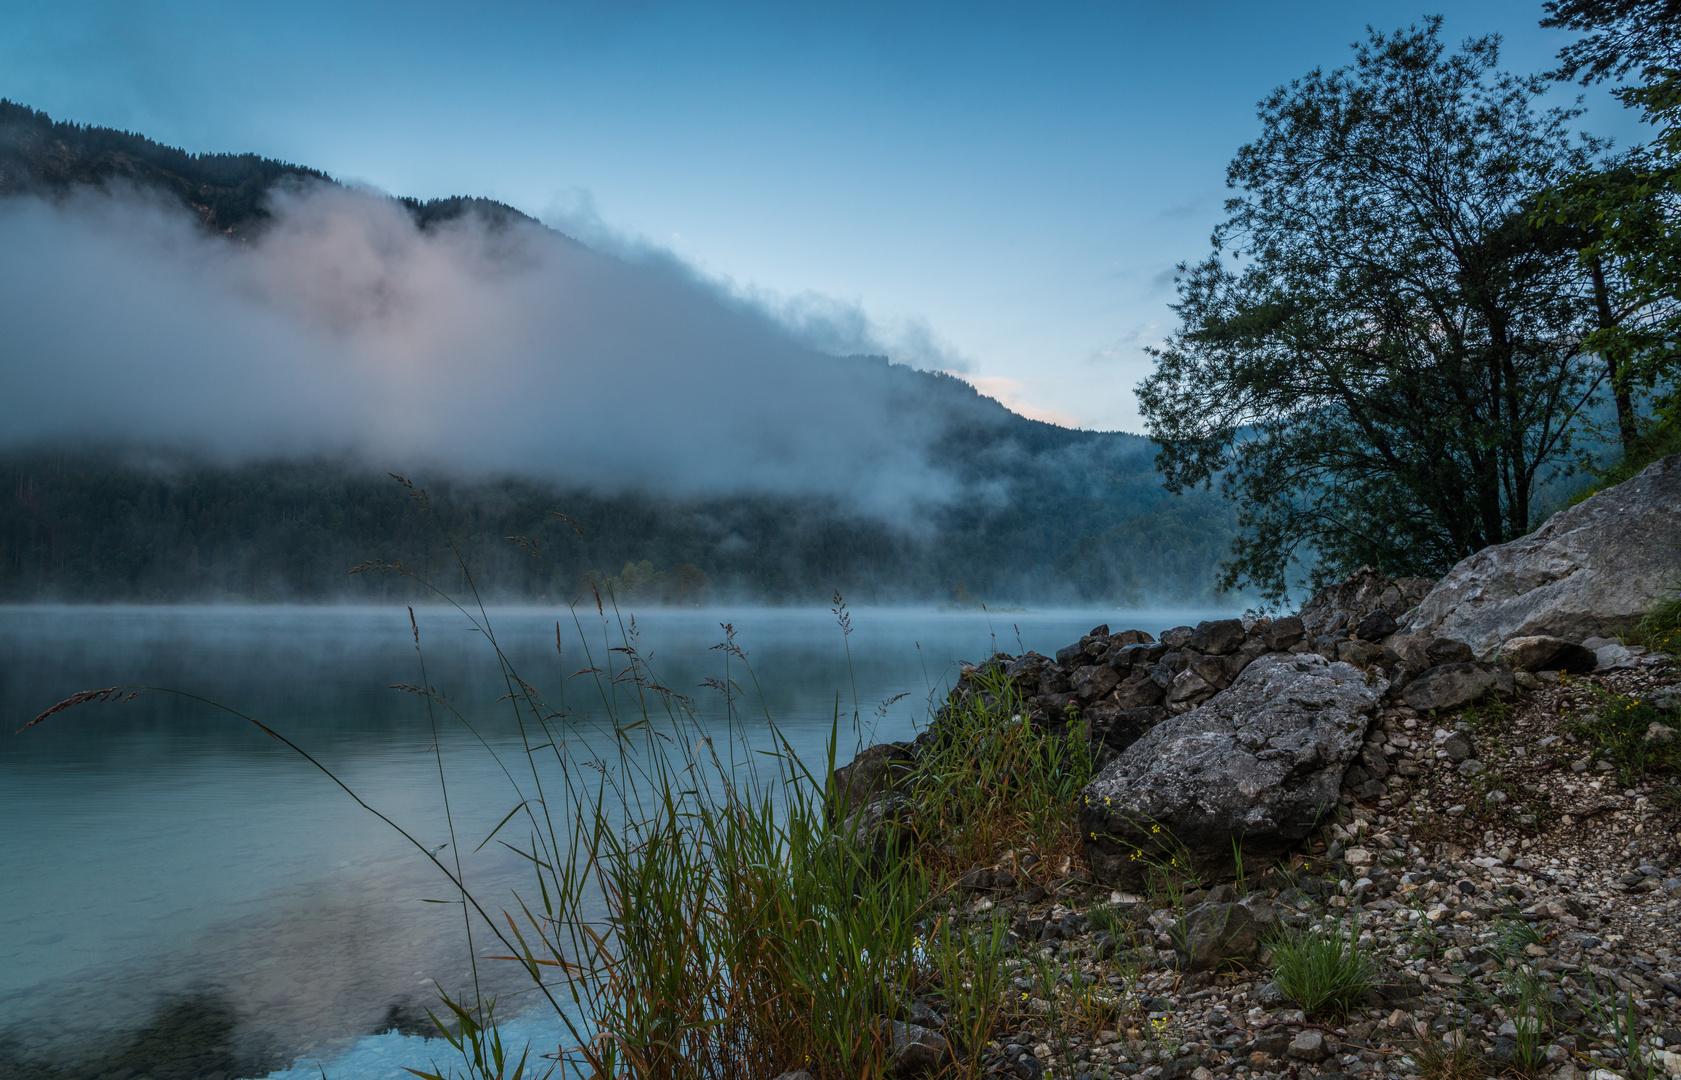 Nebel am Eibsee